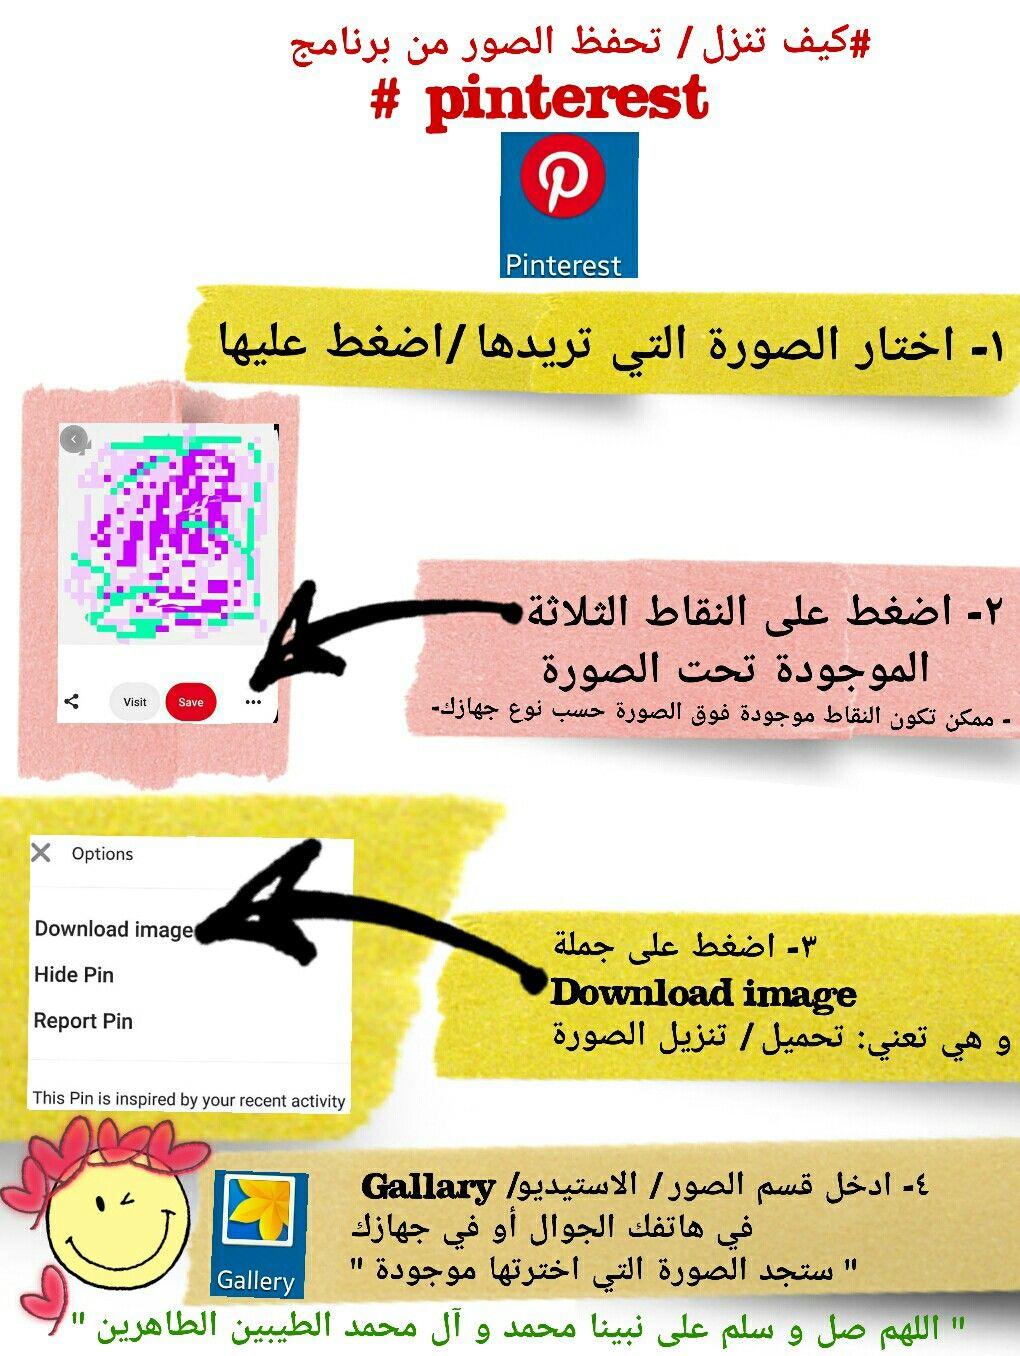 Pinterest كيف تنزل تحفظ الصور من برنامج صورة الصورة طريقة الطريقة تحميل تنزيل Download Download Blaj Image Playbill